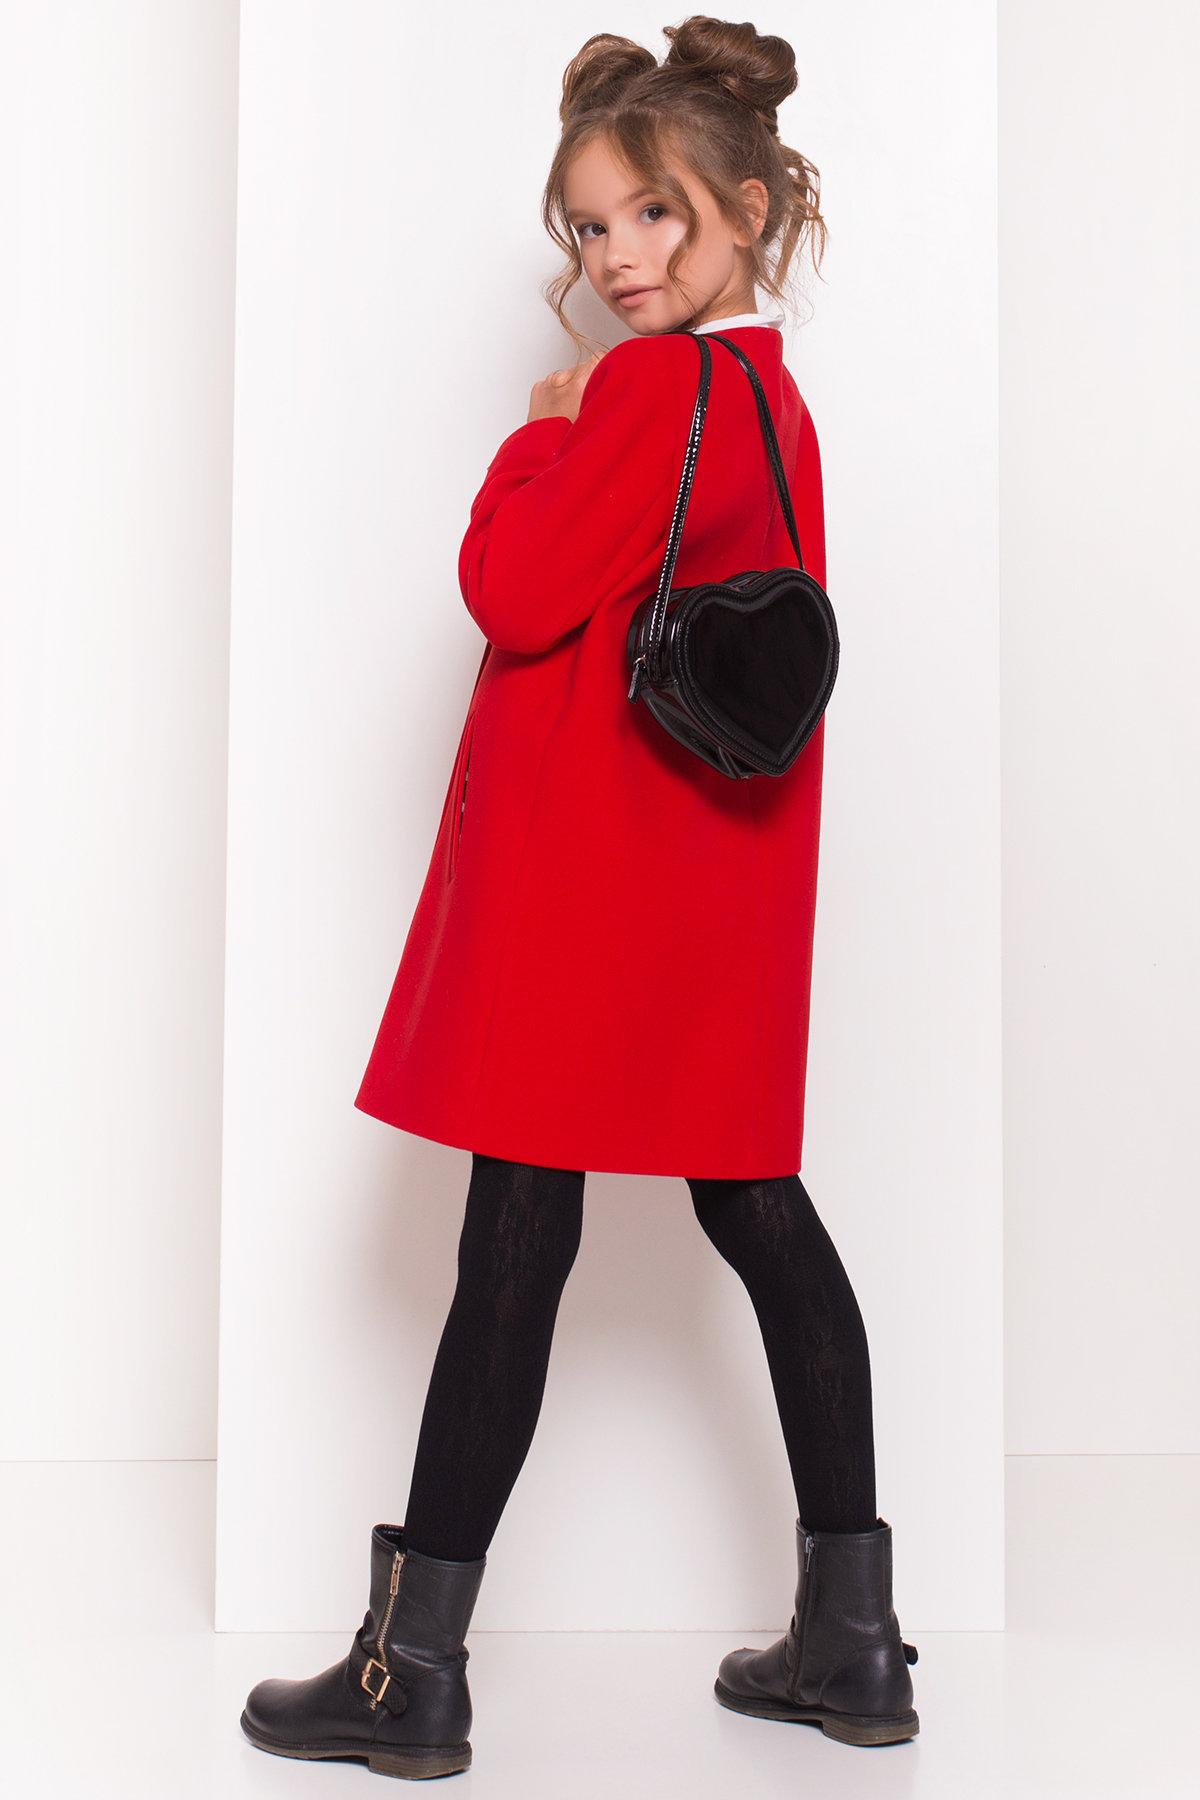 Пальто детское Чита 5297 АРТ. 38350 Цвет: Красный - фото 2, интернет магазин tm-modus.ru